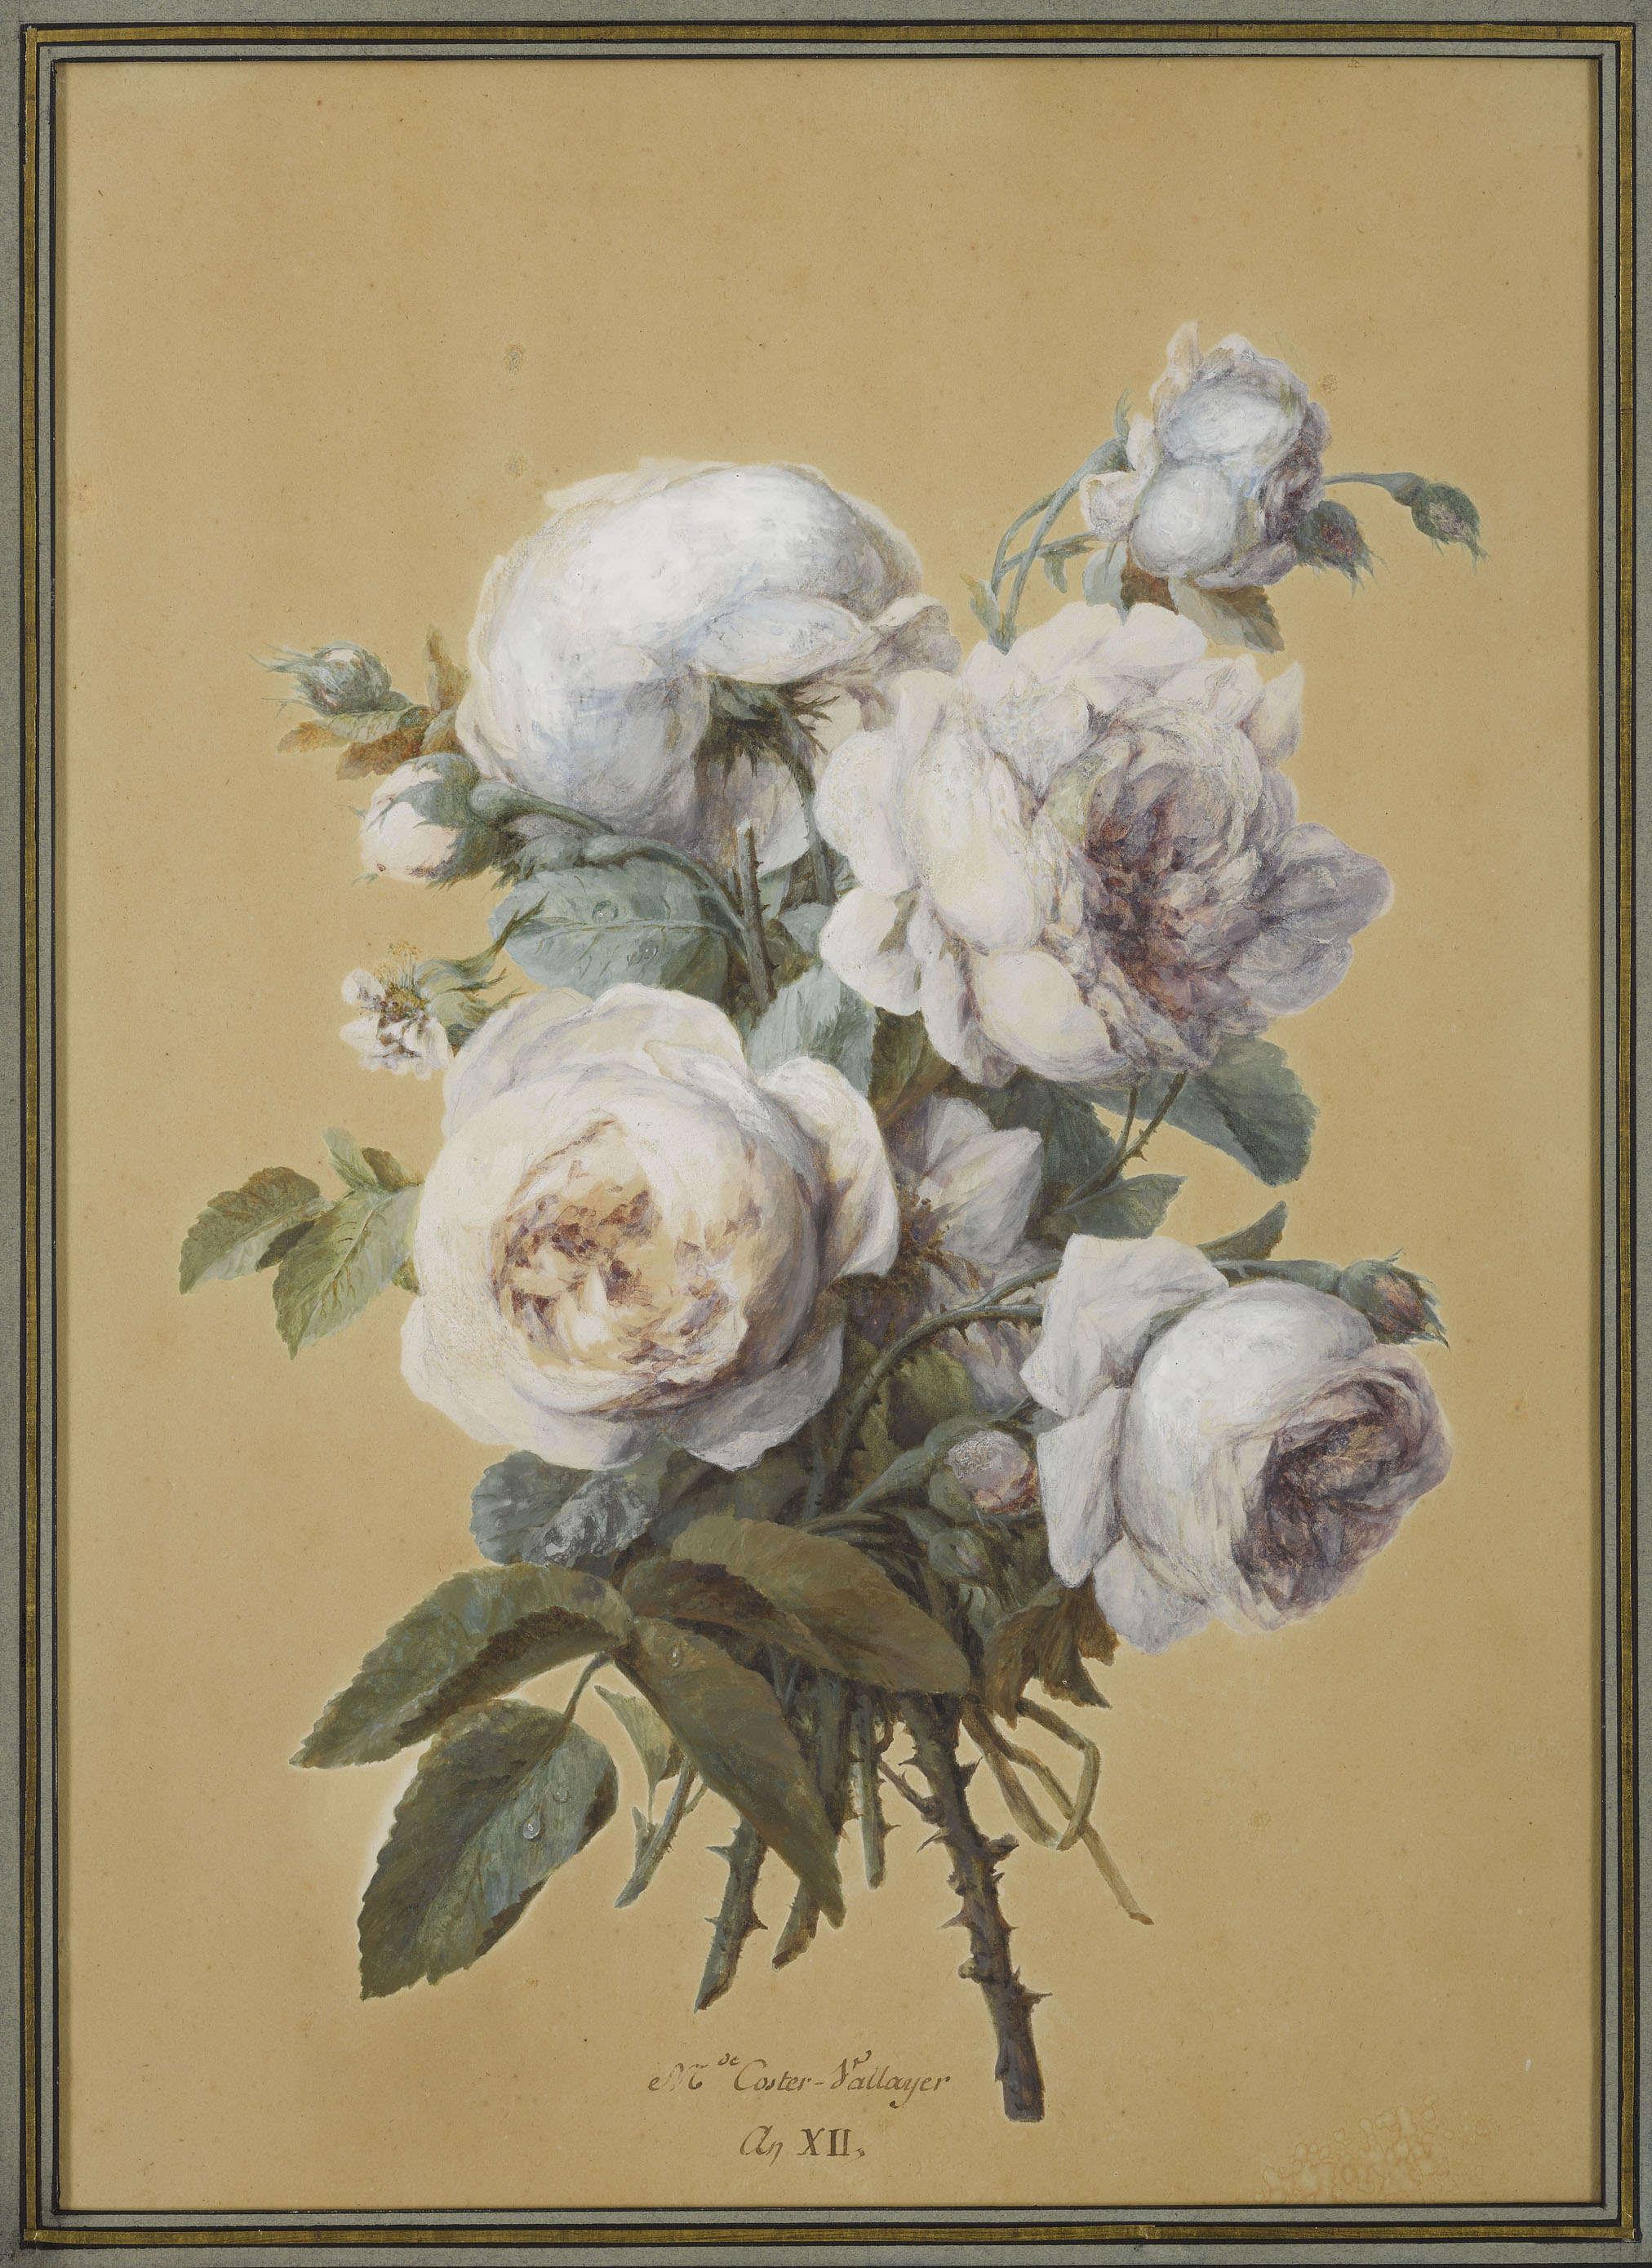 Cette œuvre délicate, très« Ancien Régime», qui faisait partie de l'inventaire de la Malmaison en 1814, a été acquise en 2017. Elle devrait y être prochainement présentée.